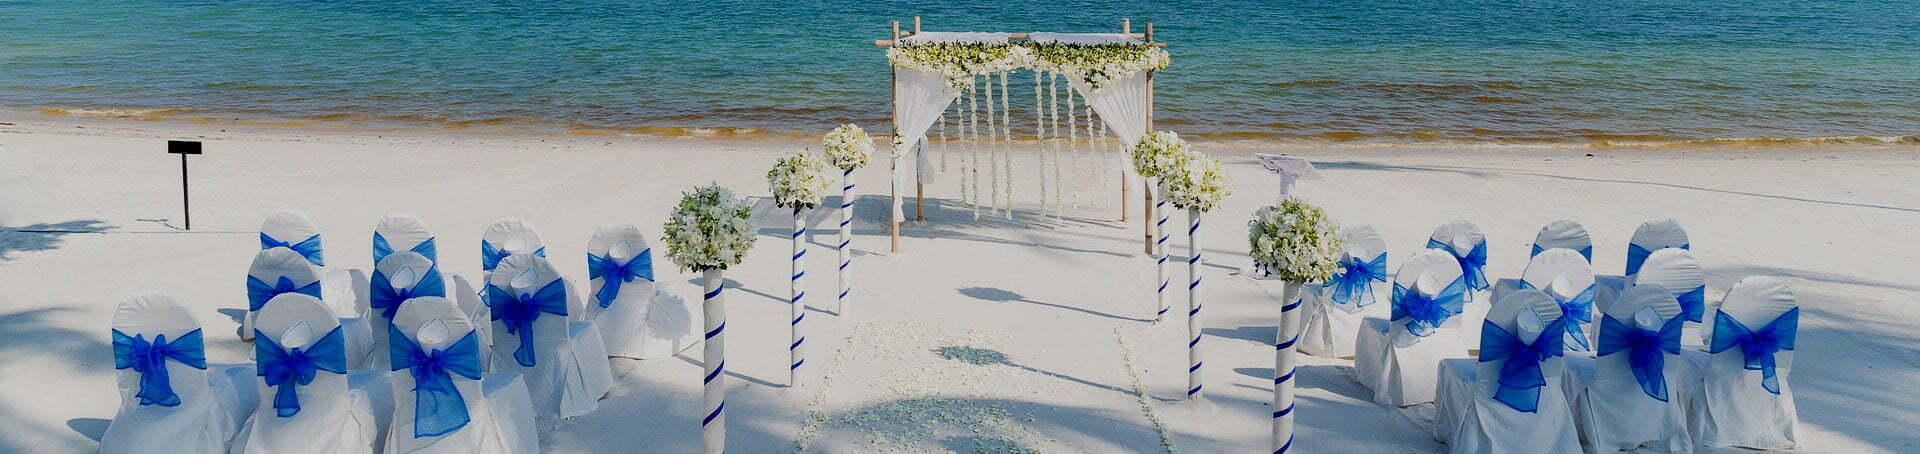 Hotel de mariage sur la plage